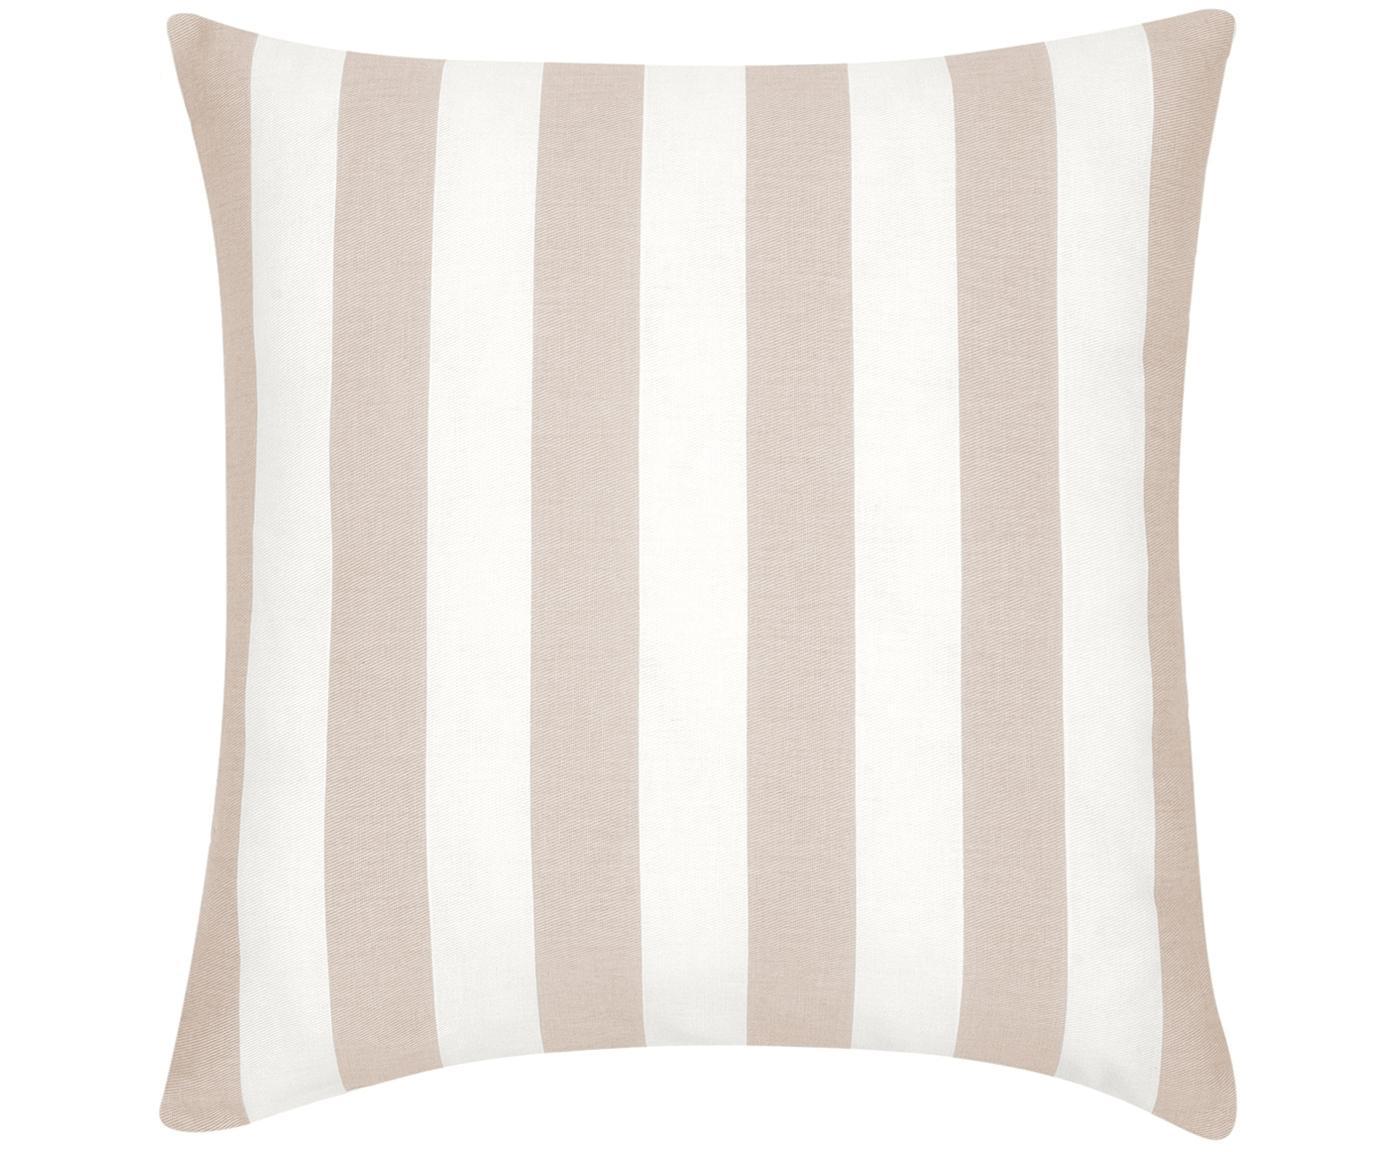 Poszewka na poduszkę Timon, 100% bawełna, Taupe, biały, S 45 x D 45 cm